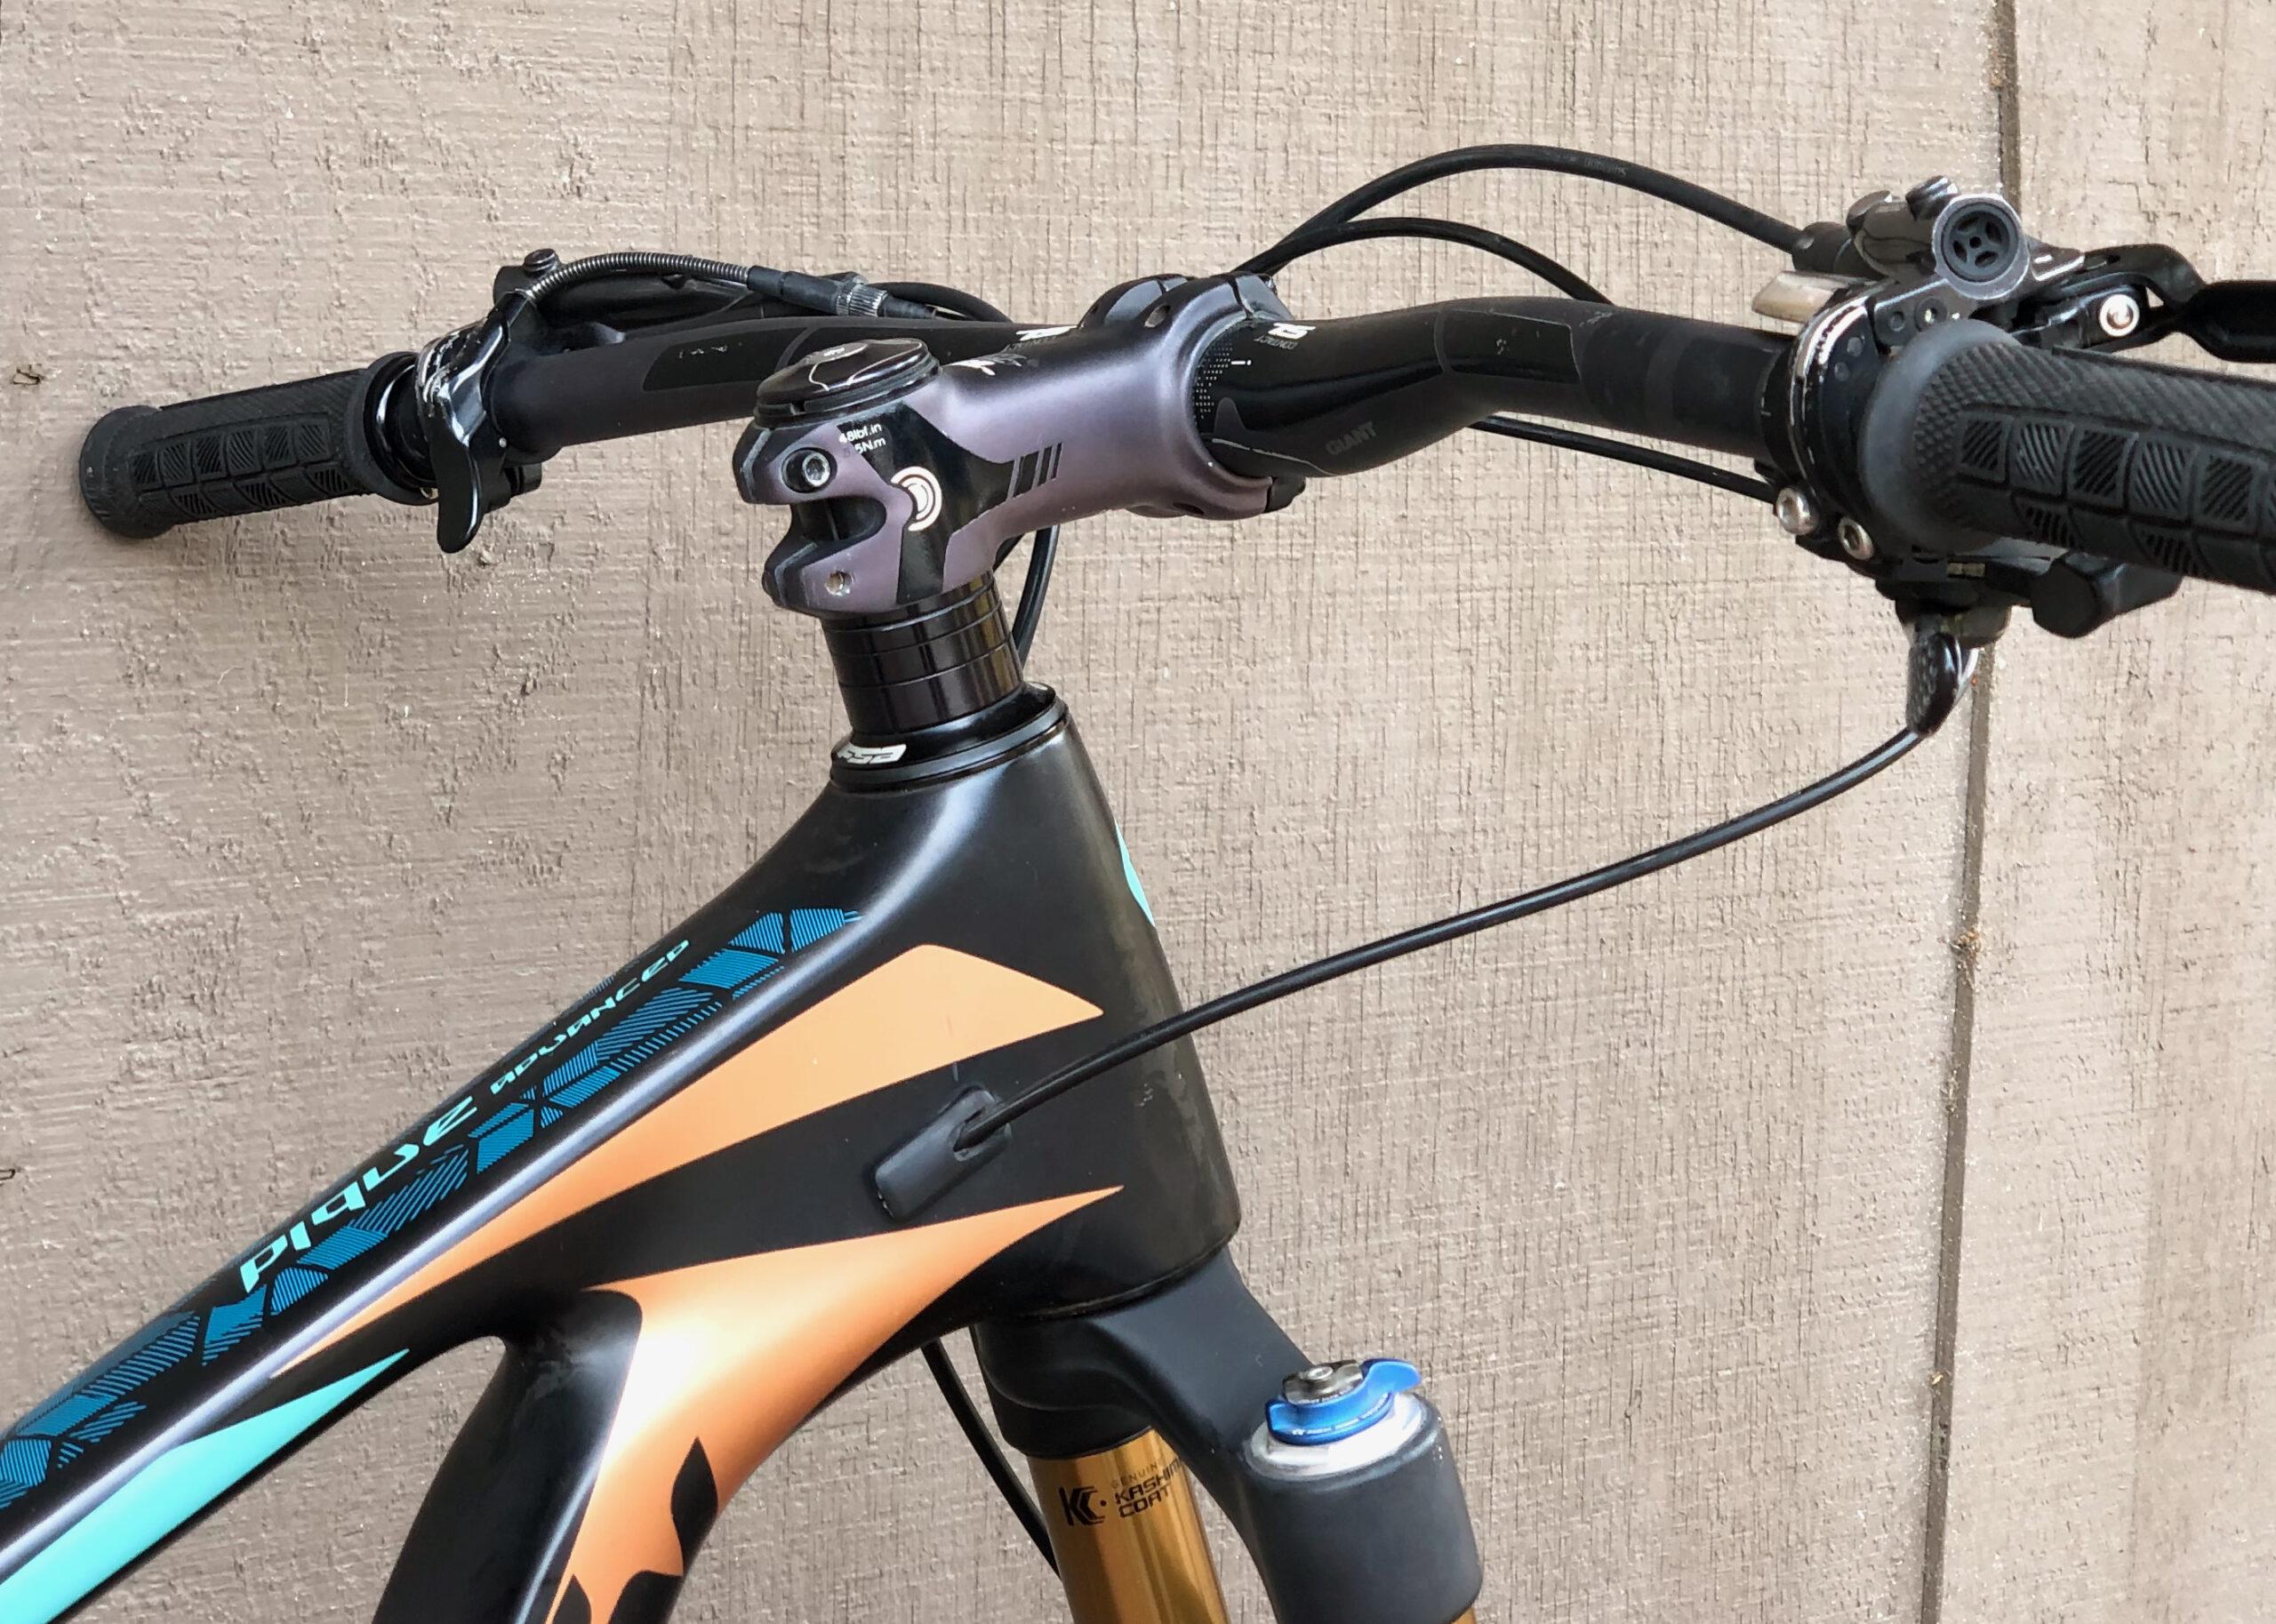 2017 Liv Pique Advanced 1 Women Carbon MTB XC Trail Mountain Bike 27.5 - Medium